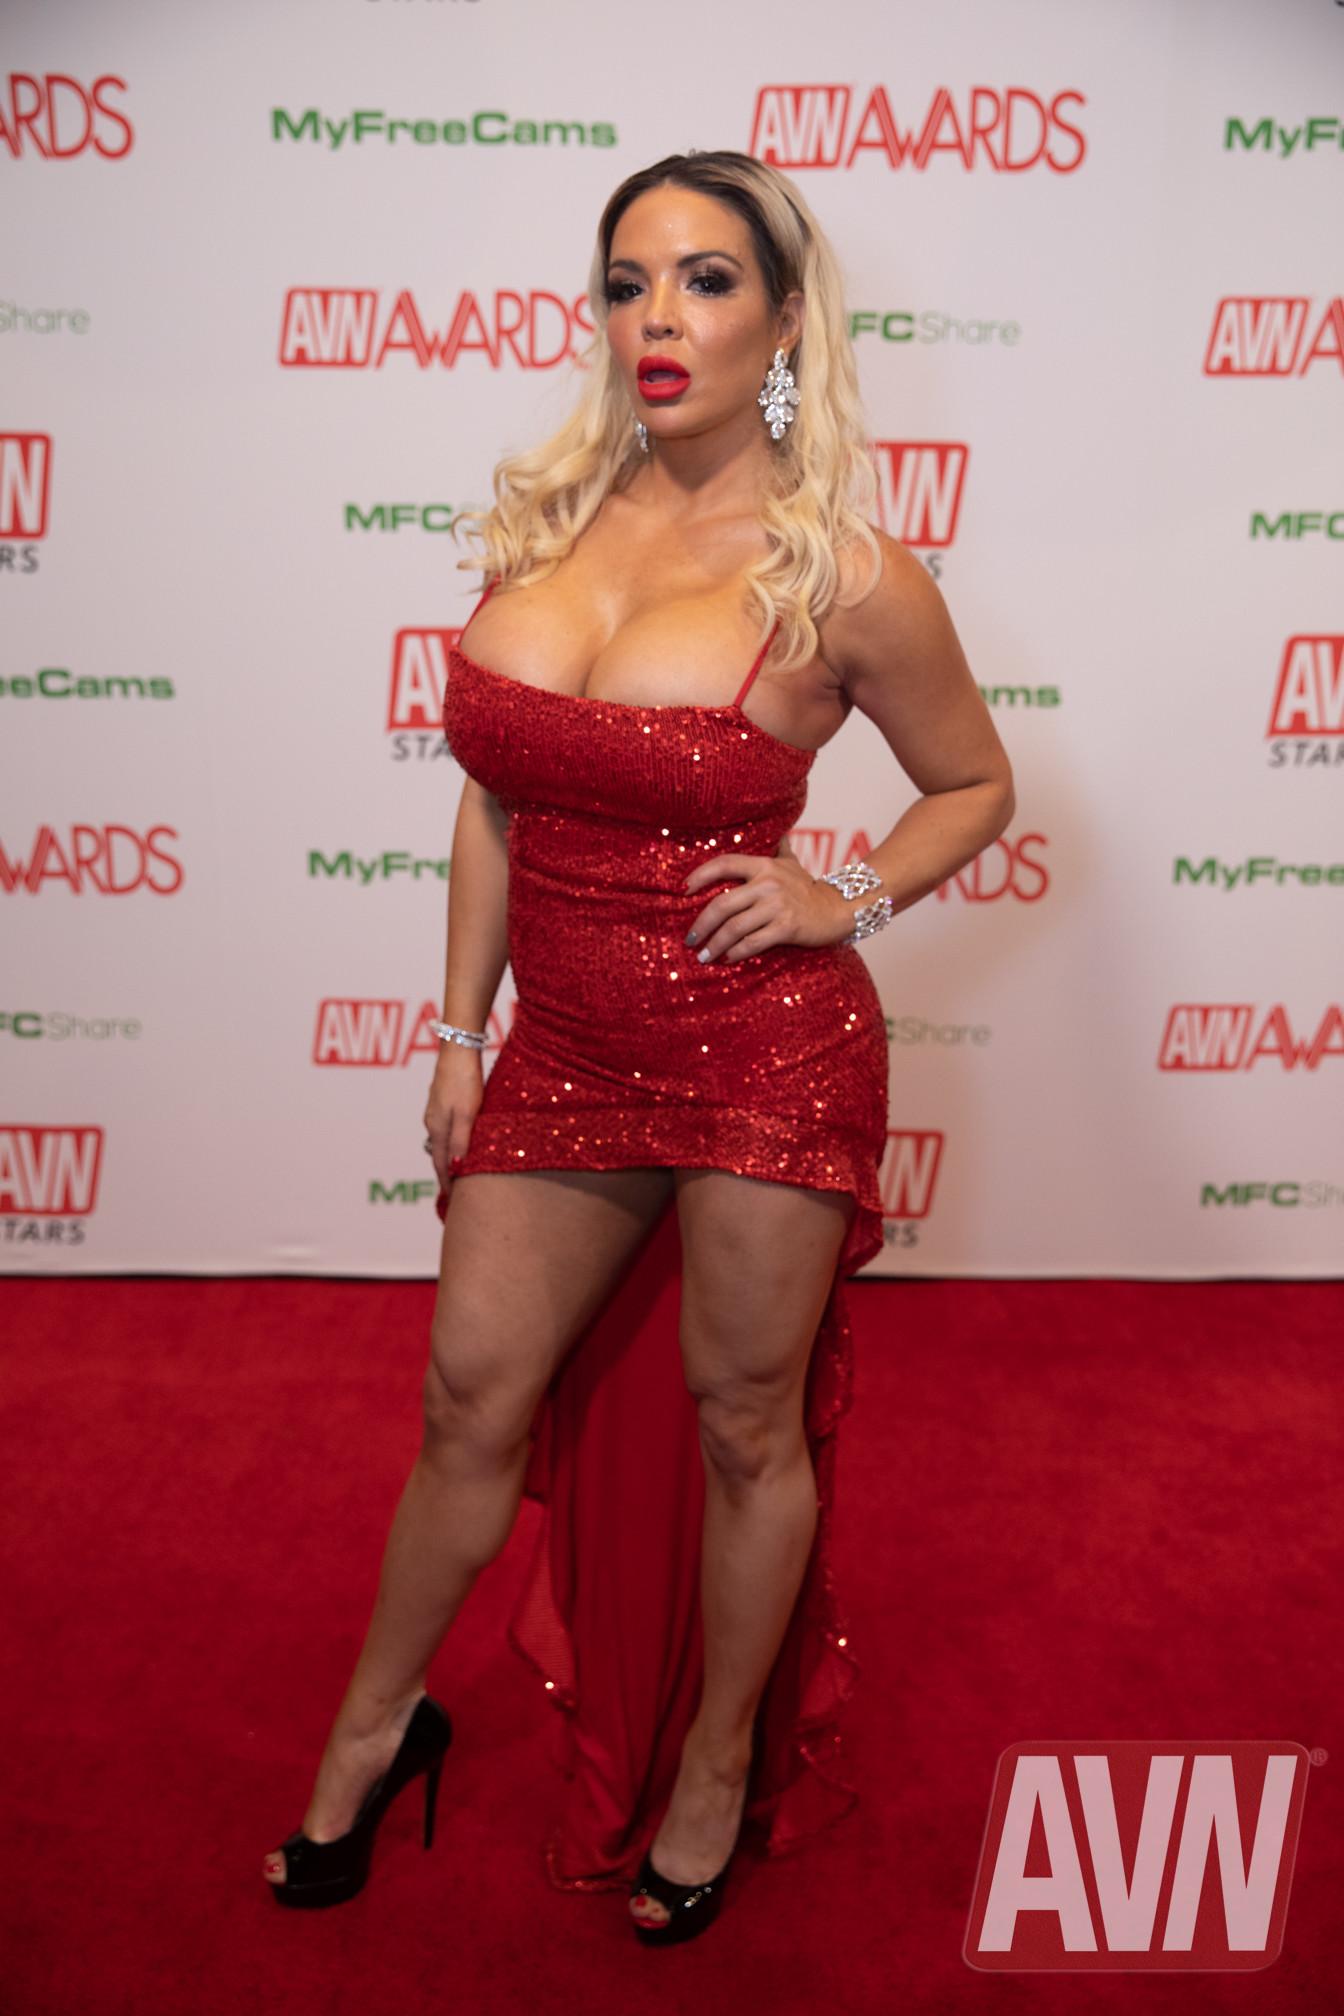 Avn awards show 2020